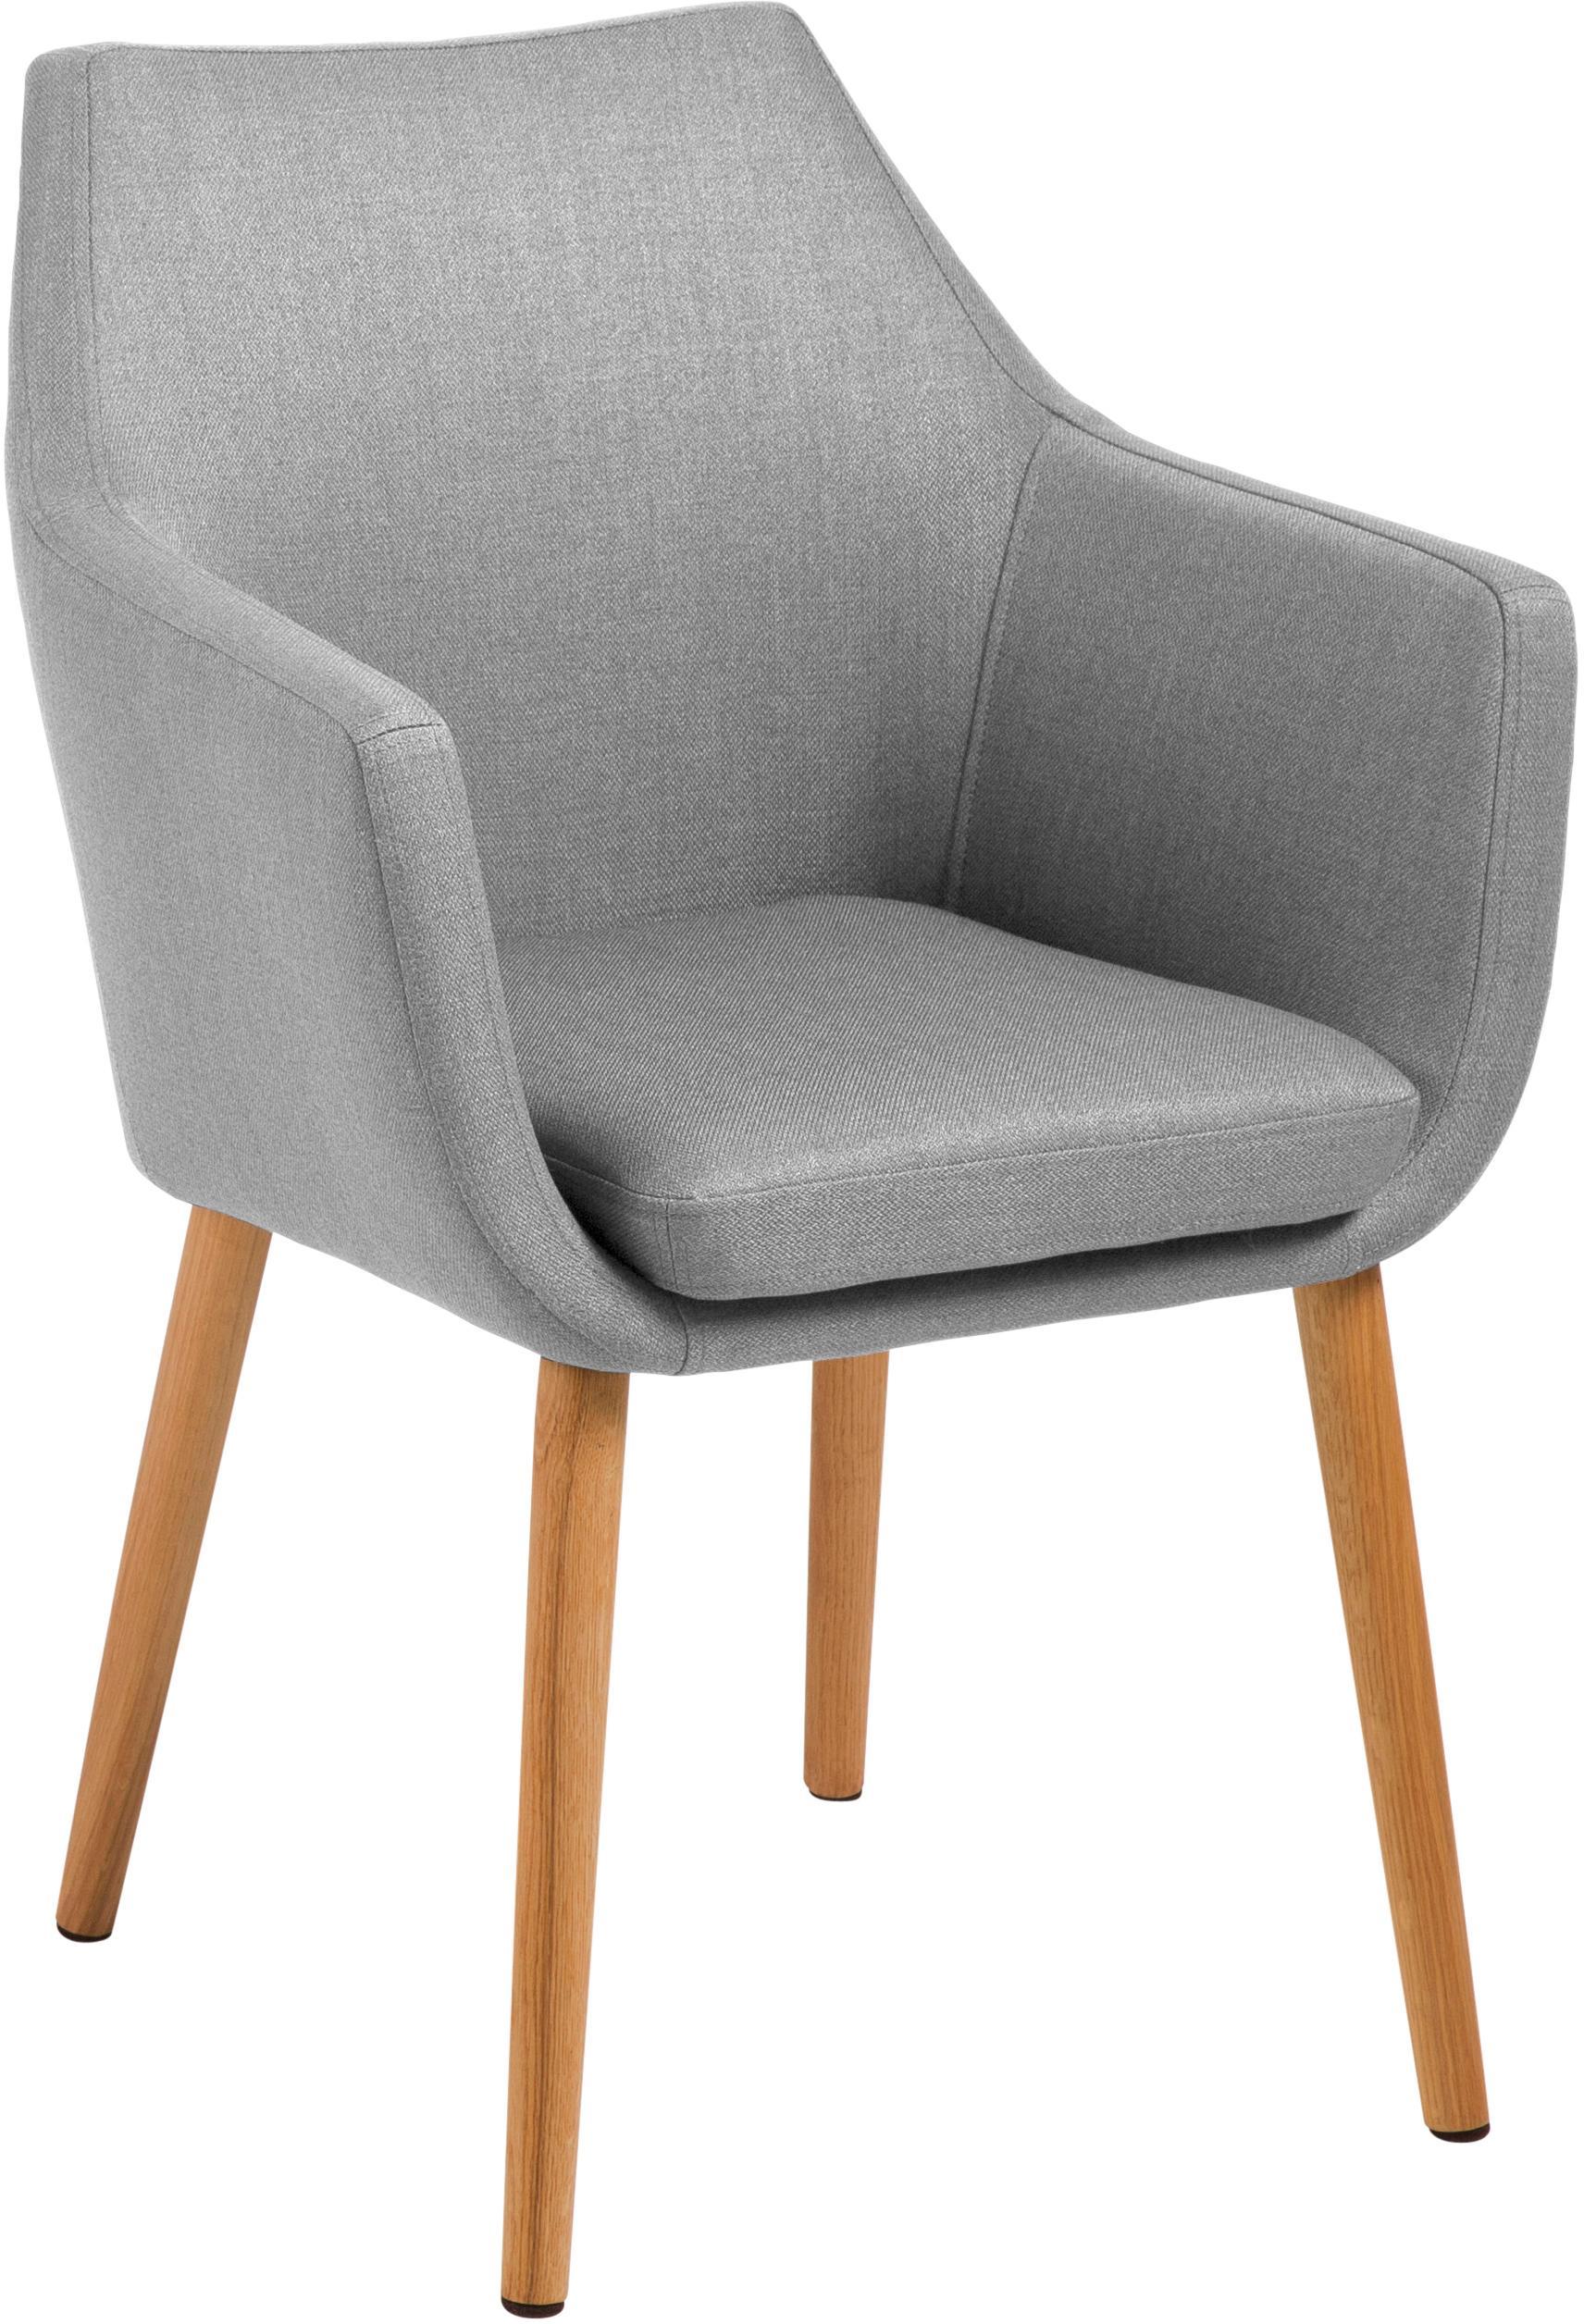 Armlehnstuhl Nora im Skandi Design, Bezug: 100% Polyester, Beine: Eichenholz, Webstoff Hellgrau, Beine Eiche, B 58 x T 58 cm